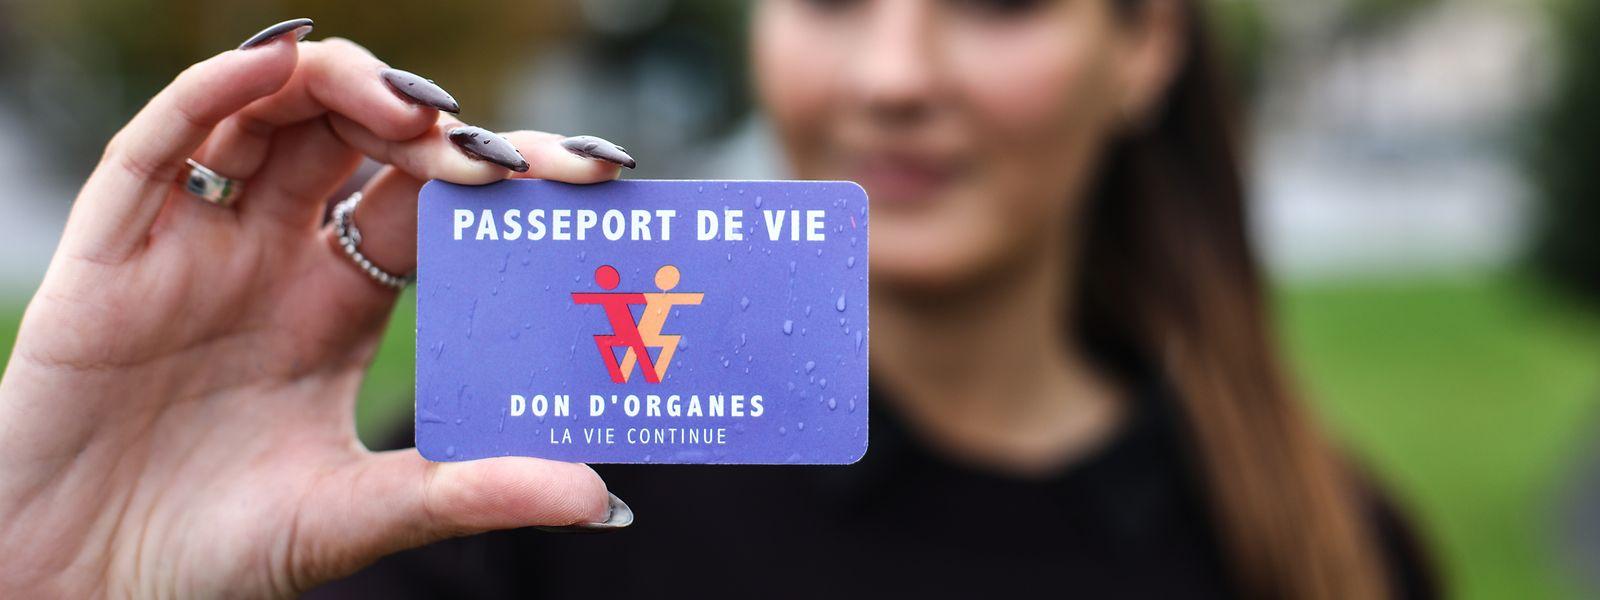 Wer einen Passeport de vie besitzt, hat sich nachweislich mit der Frage zur eigenen Organspendebereitschaft auseinandergesetzt.